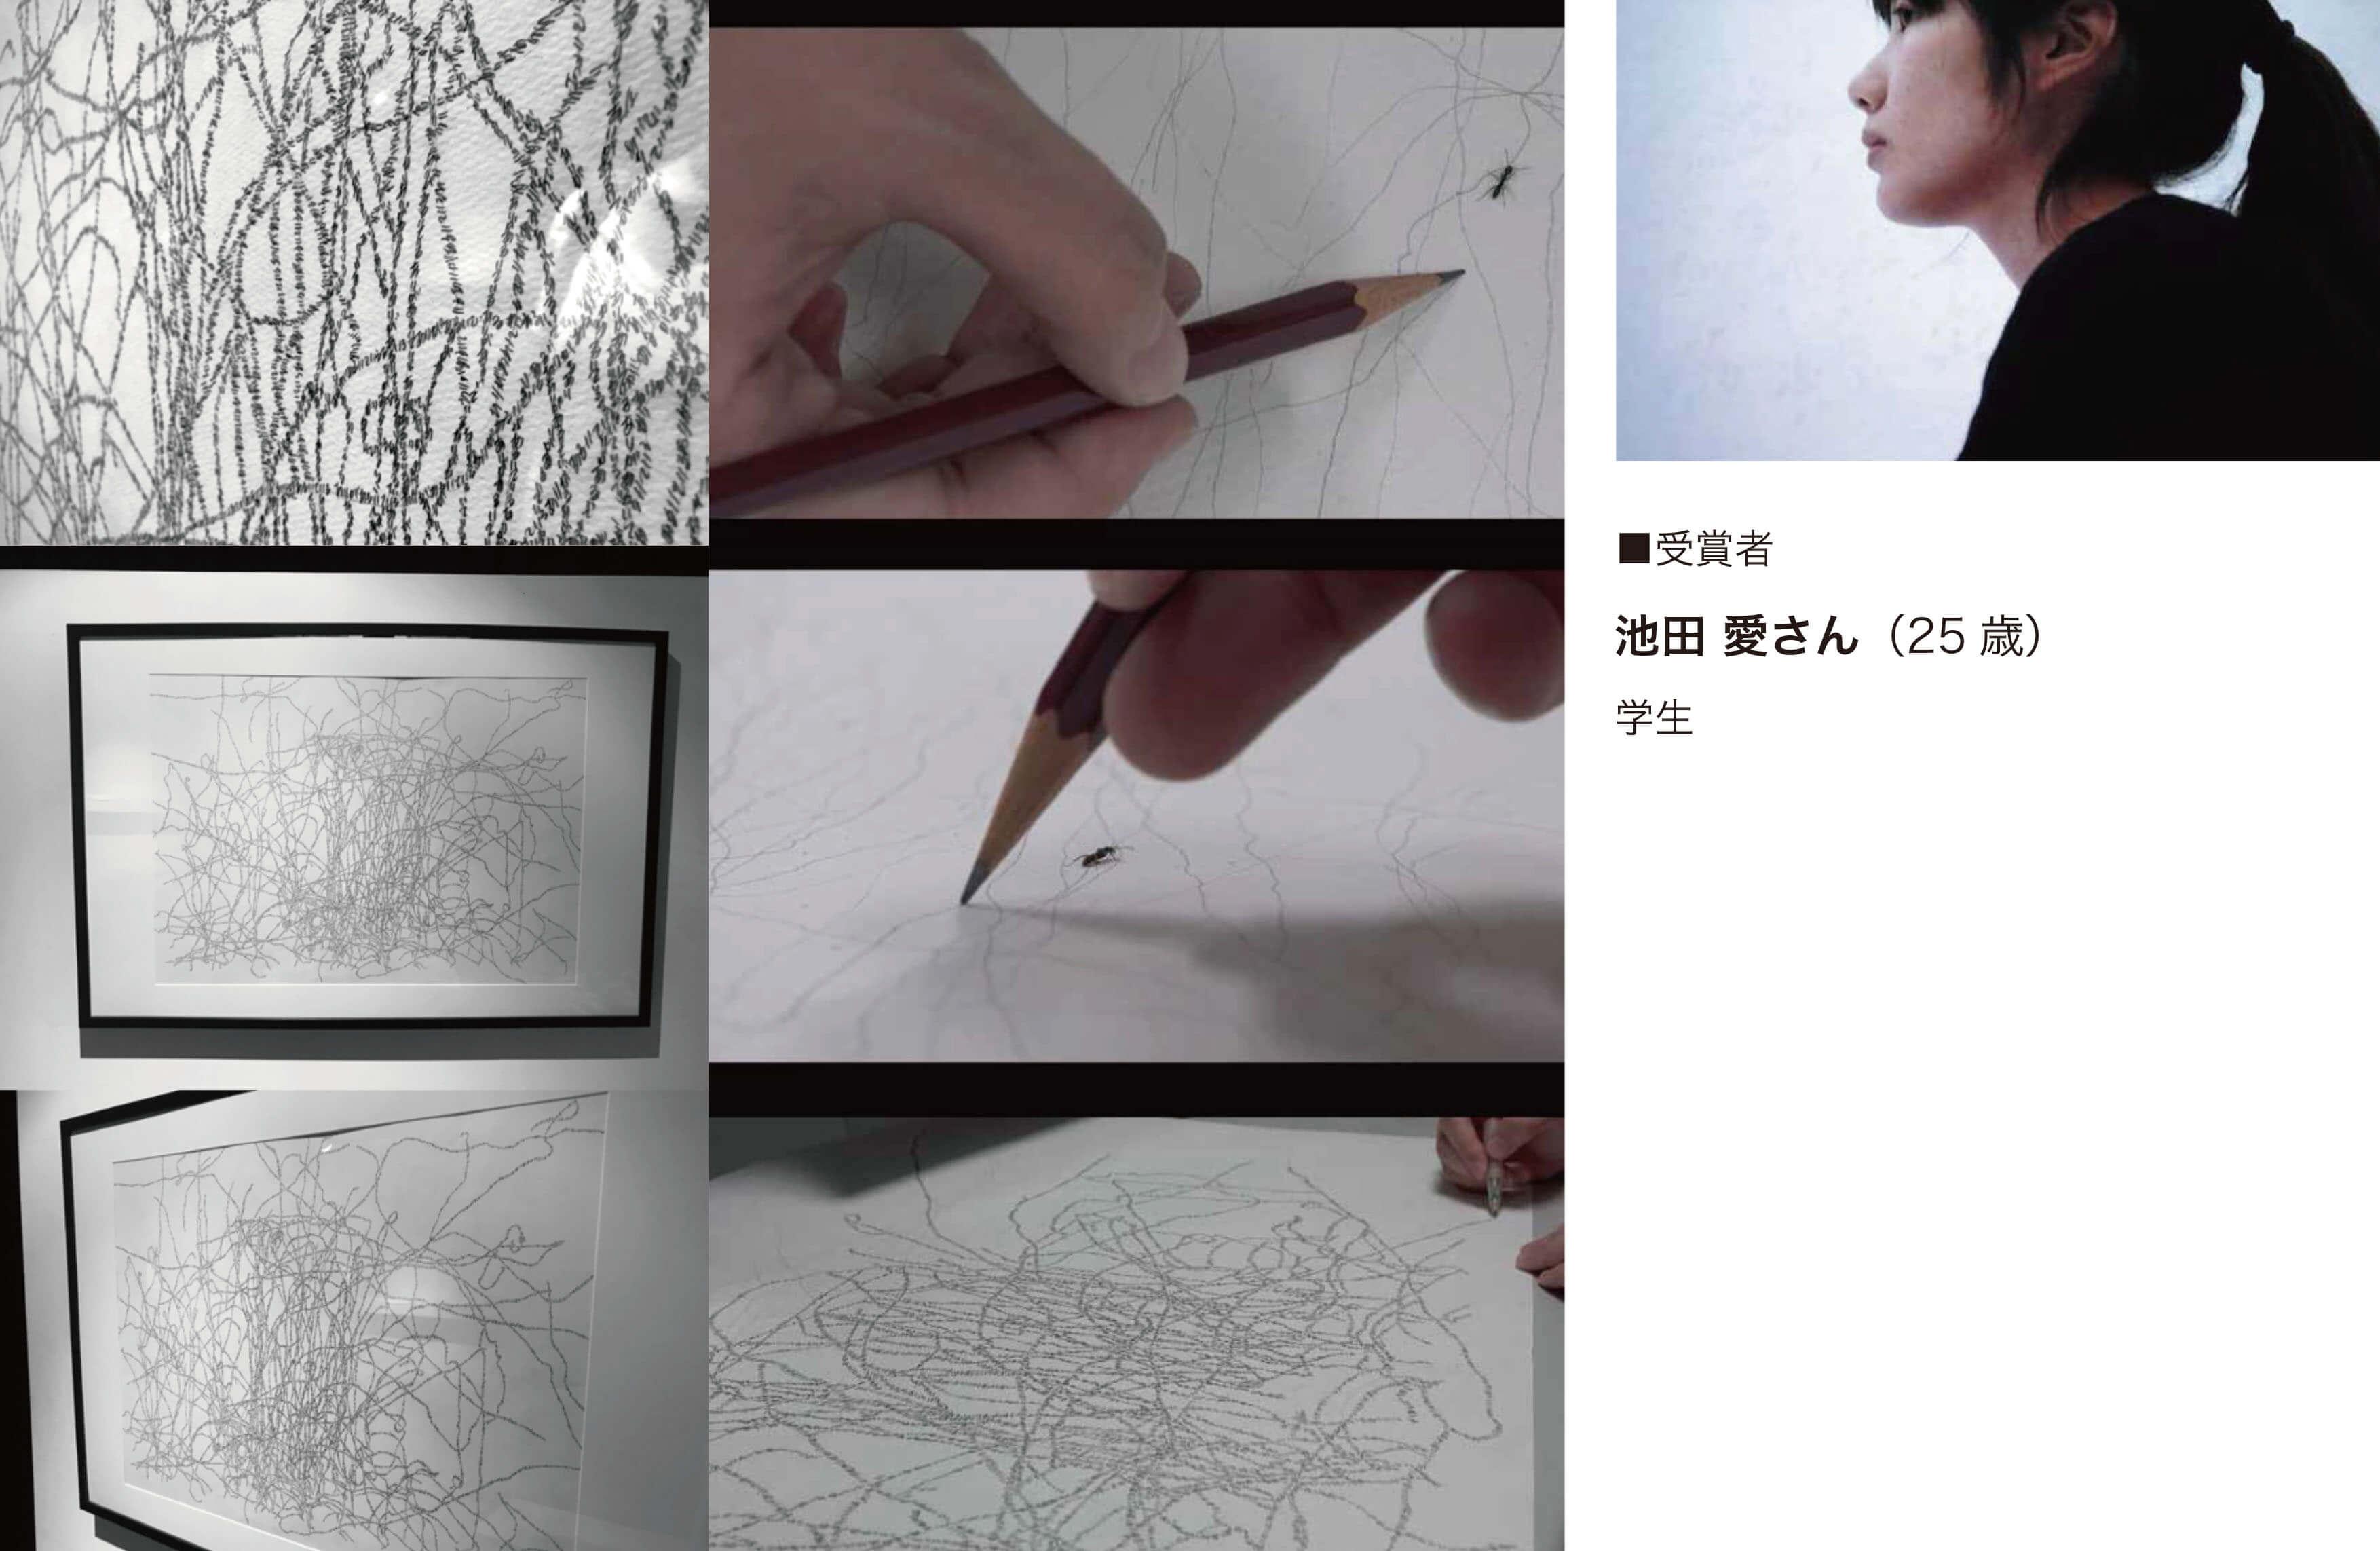 第3回アート&デザイン新世代賞 〜多くの若いアーティストの登竜門になることを目指し〜